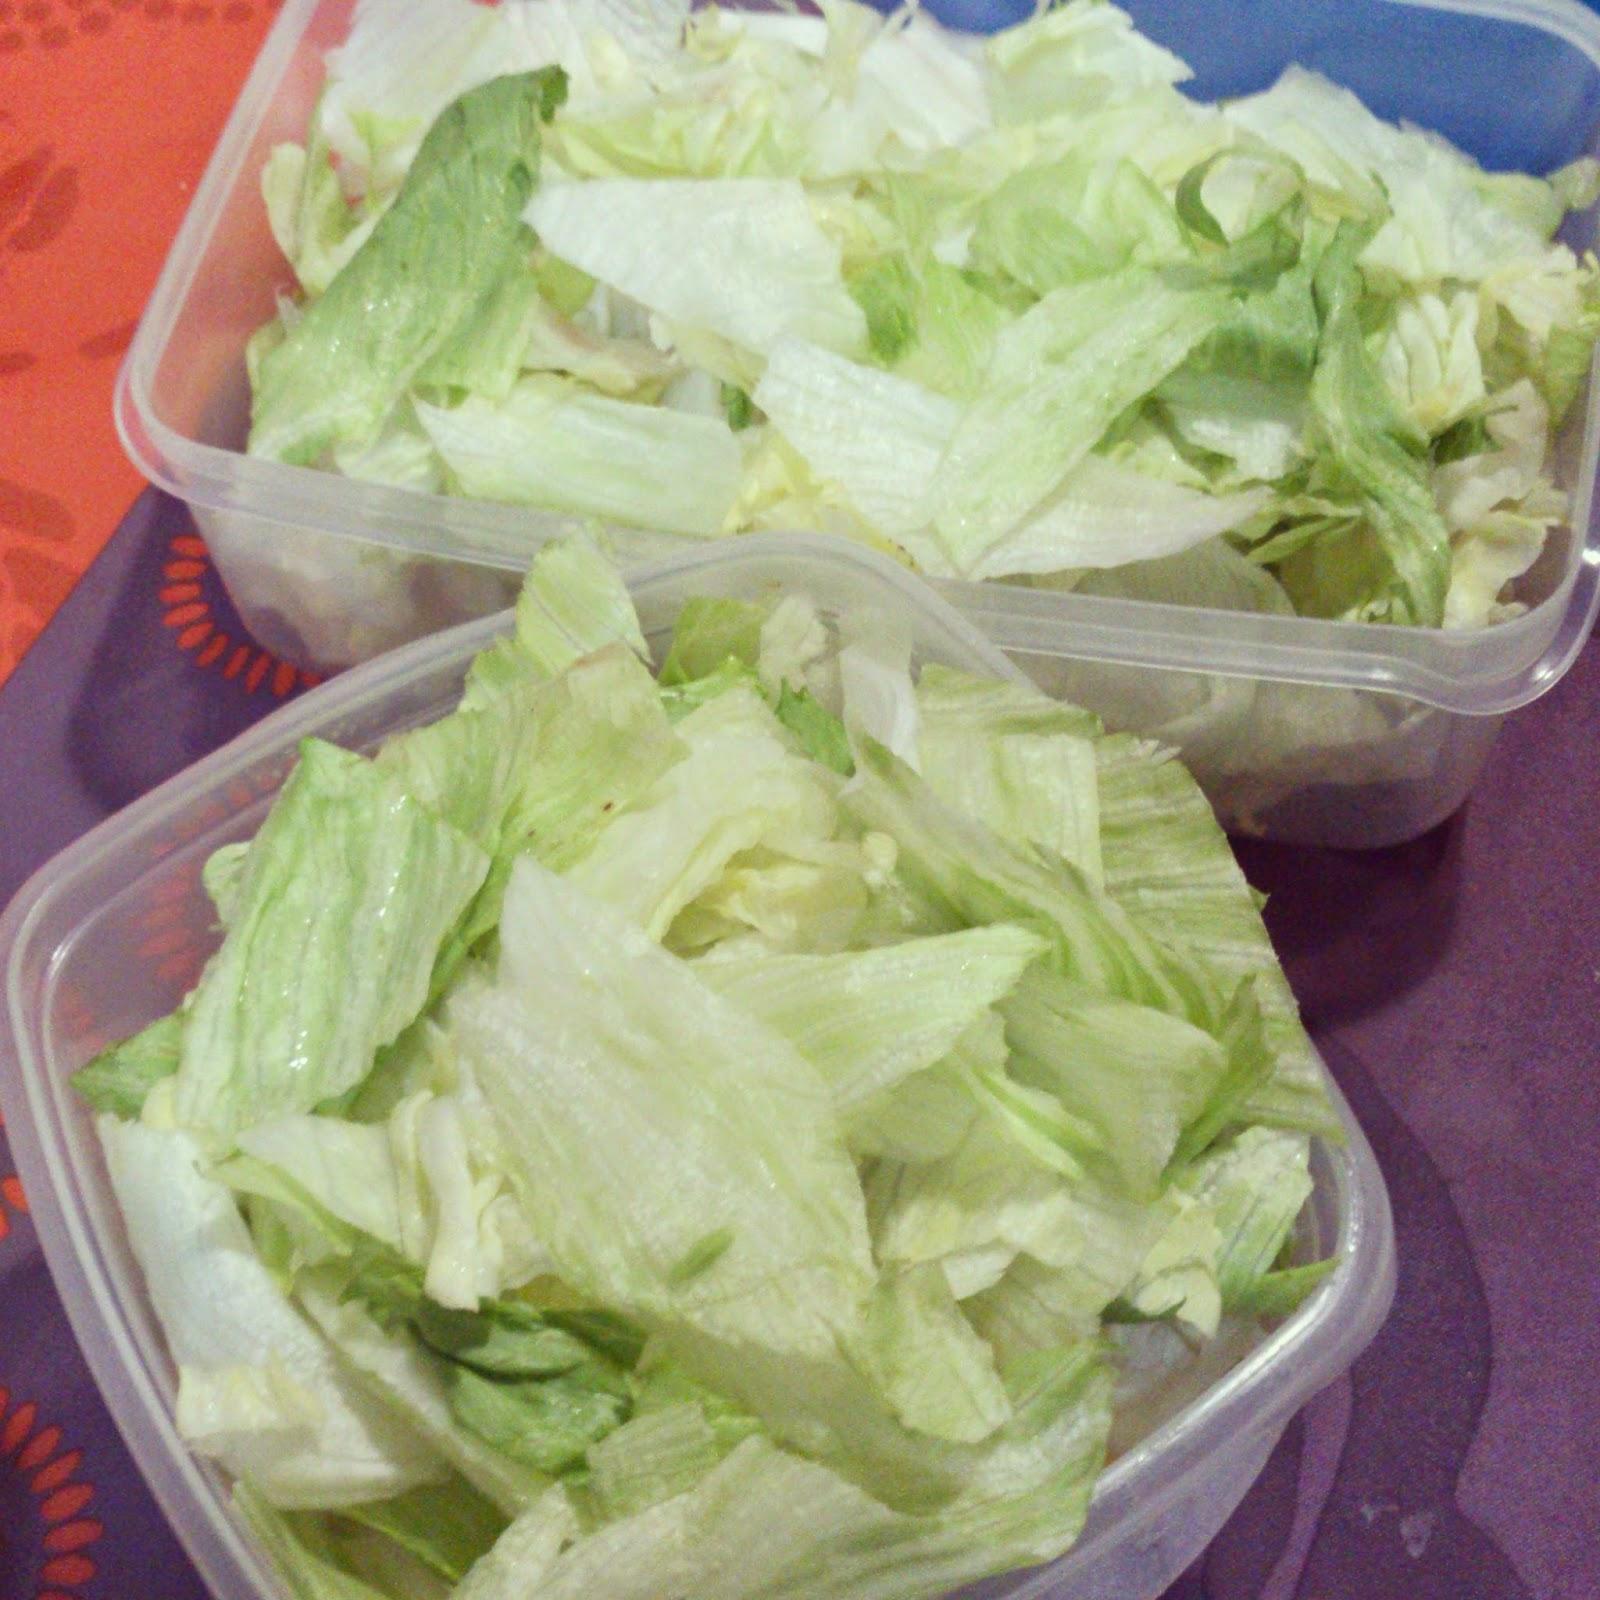 Vegetaidaira cocinar un d a para toda la semana for Cocinar una tarde para toda la semana